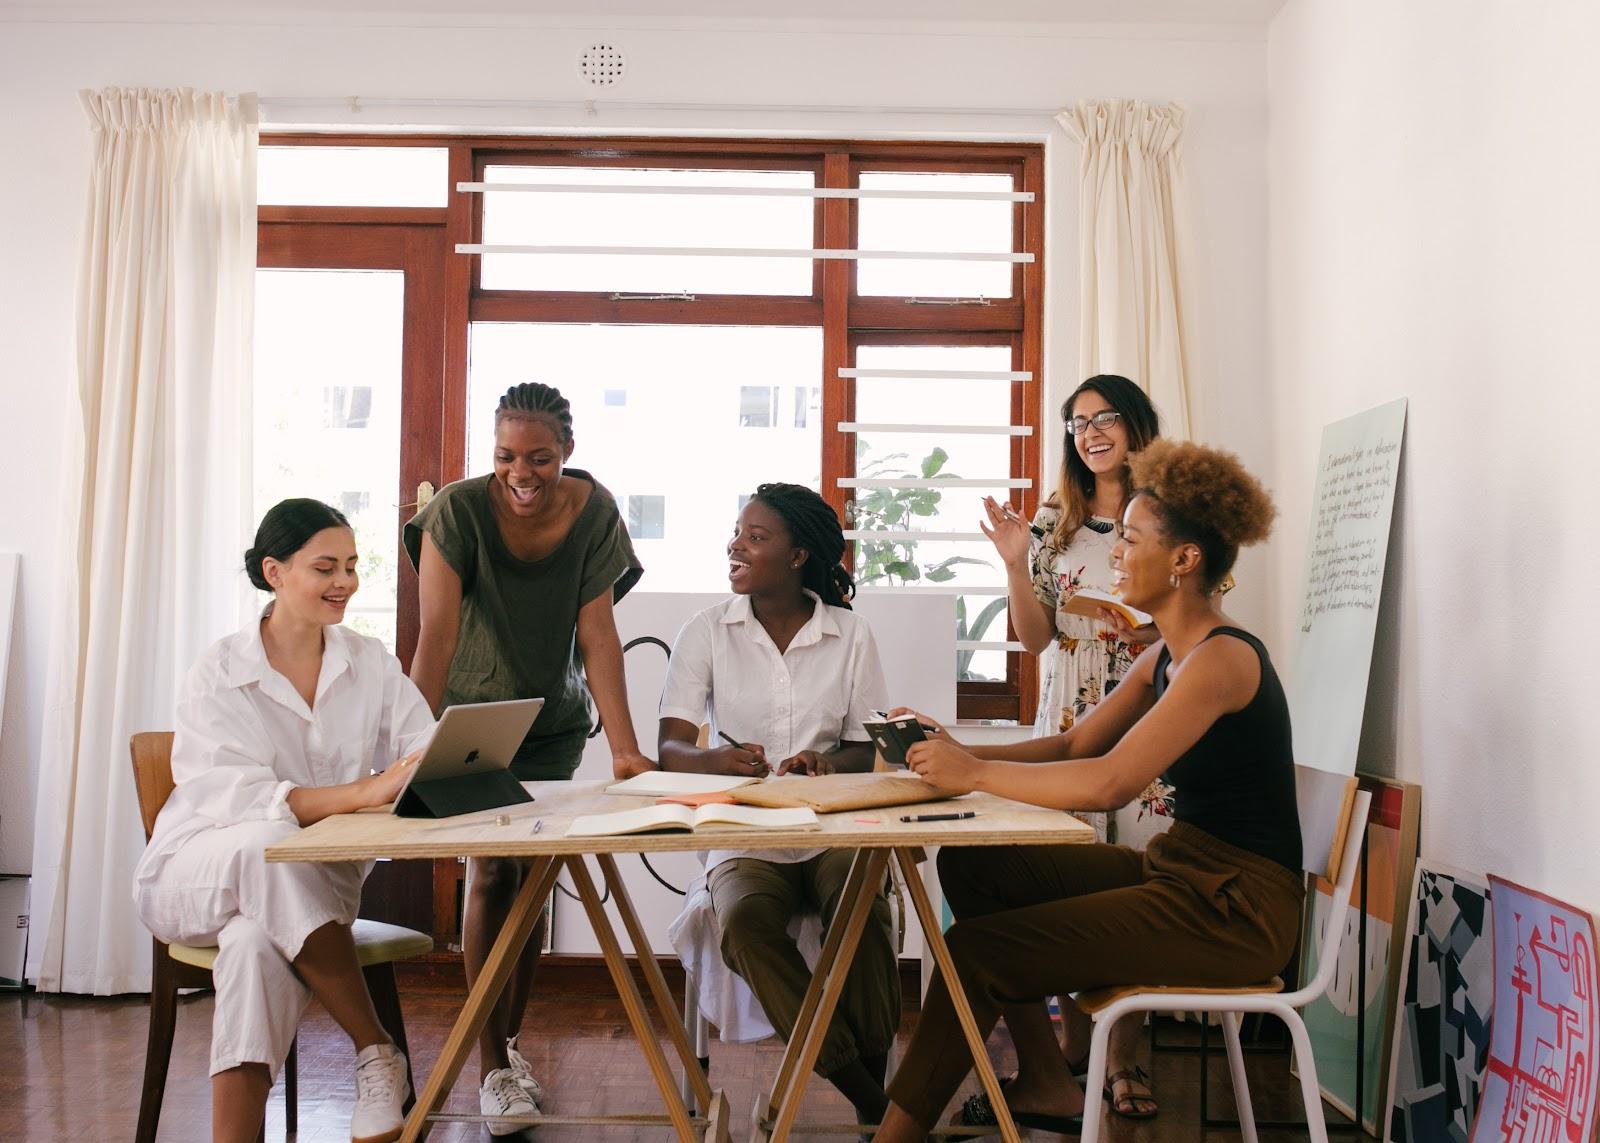 Várias mulheres conversando em uma mesa.